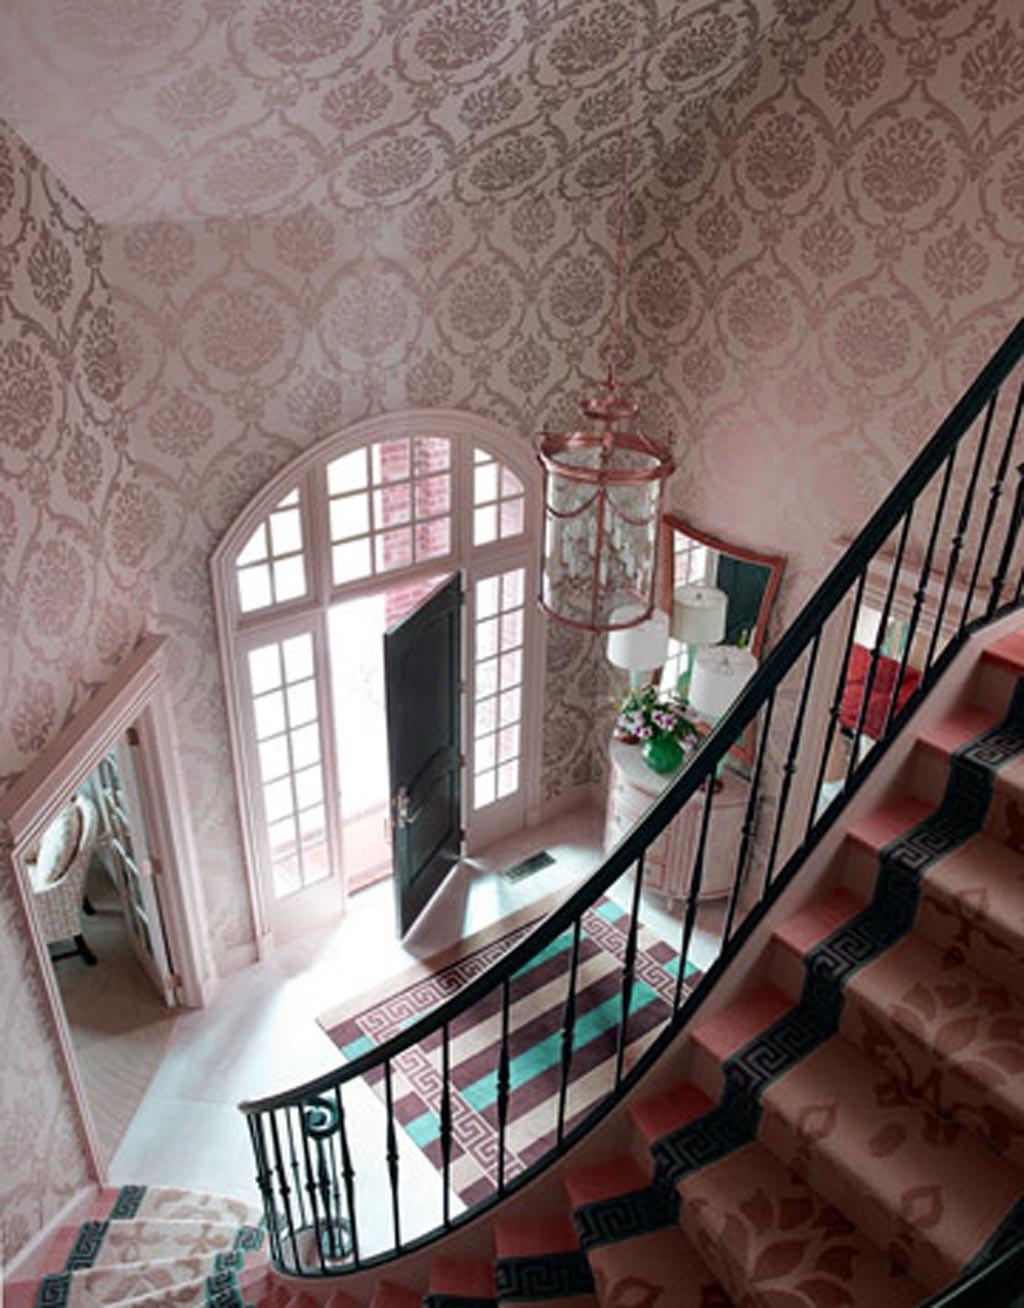 Escalier avec du papier peint élégant.